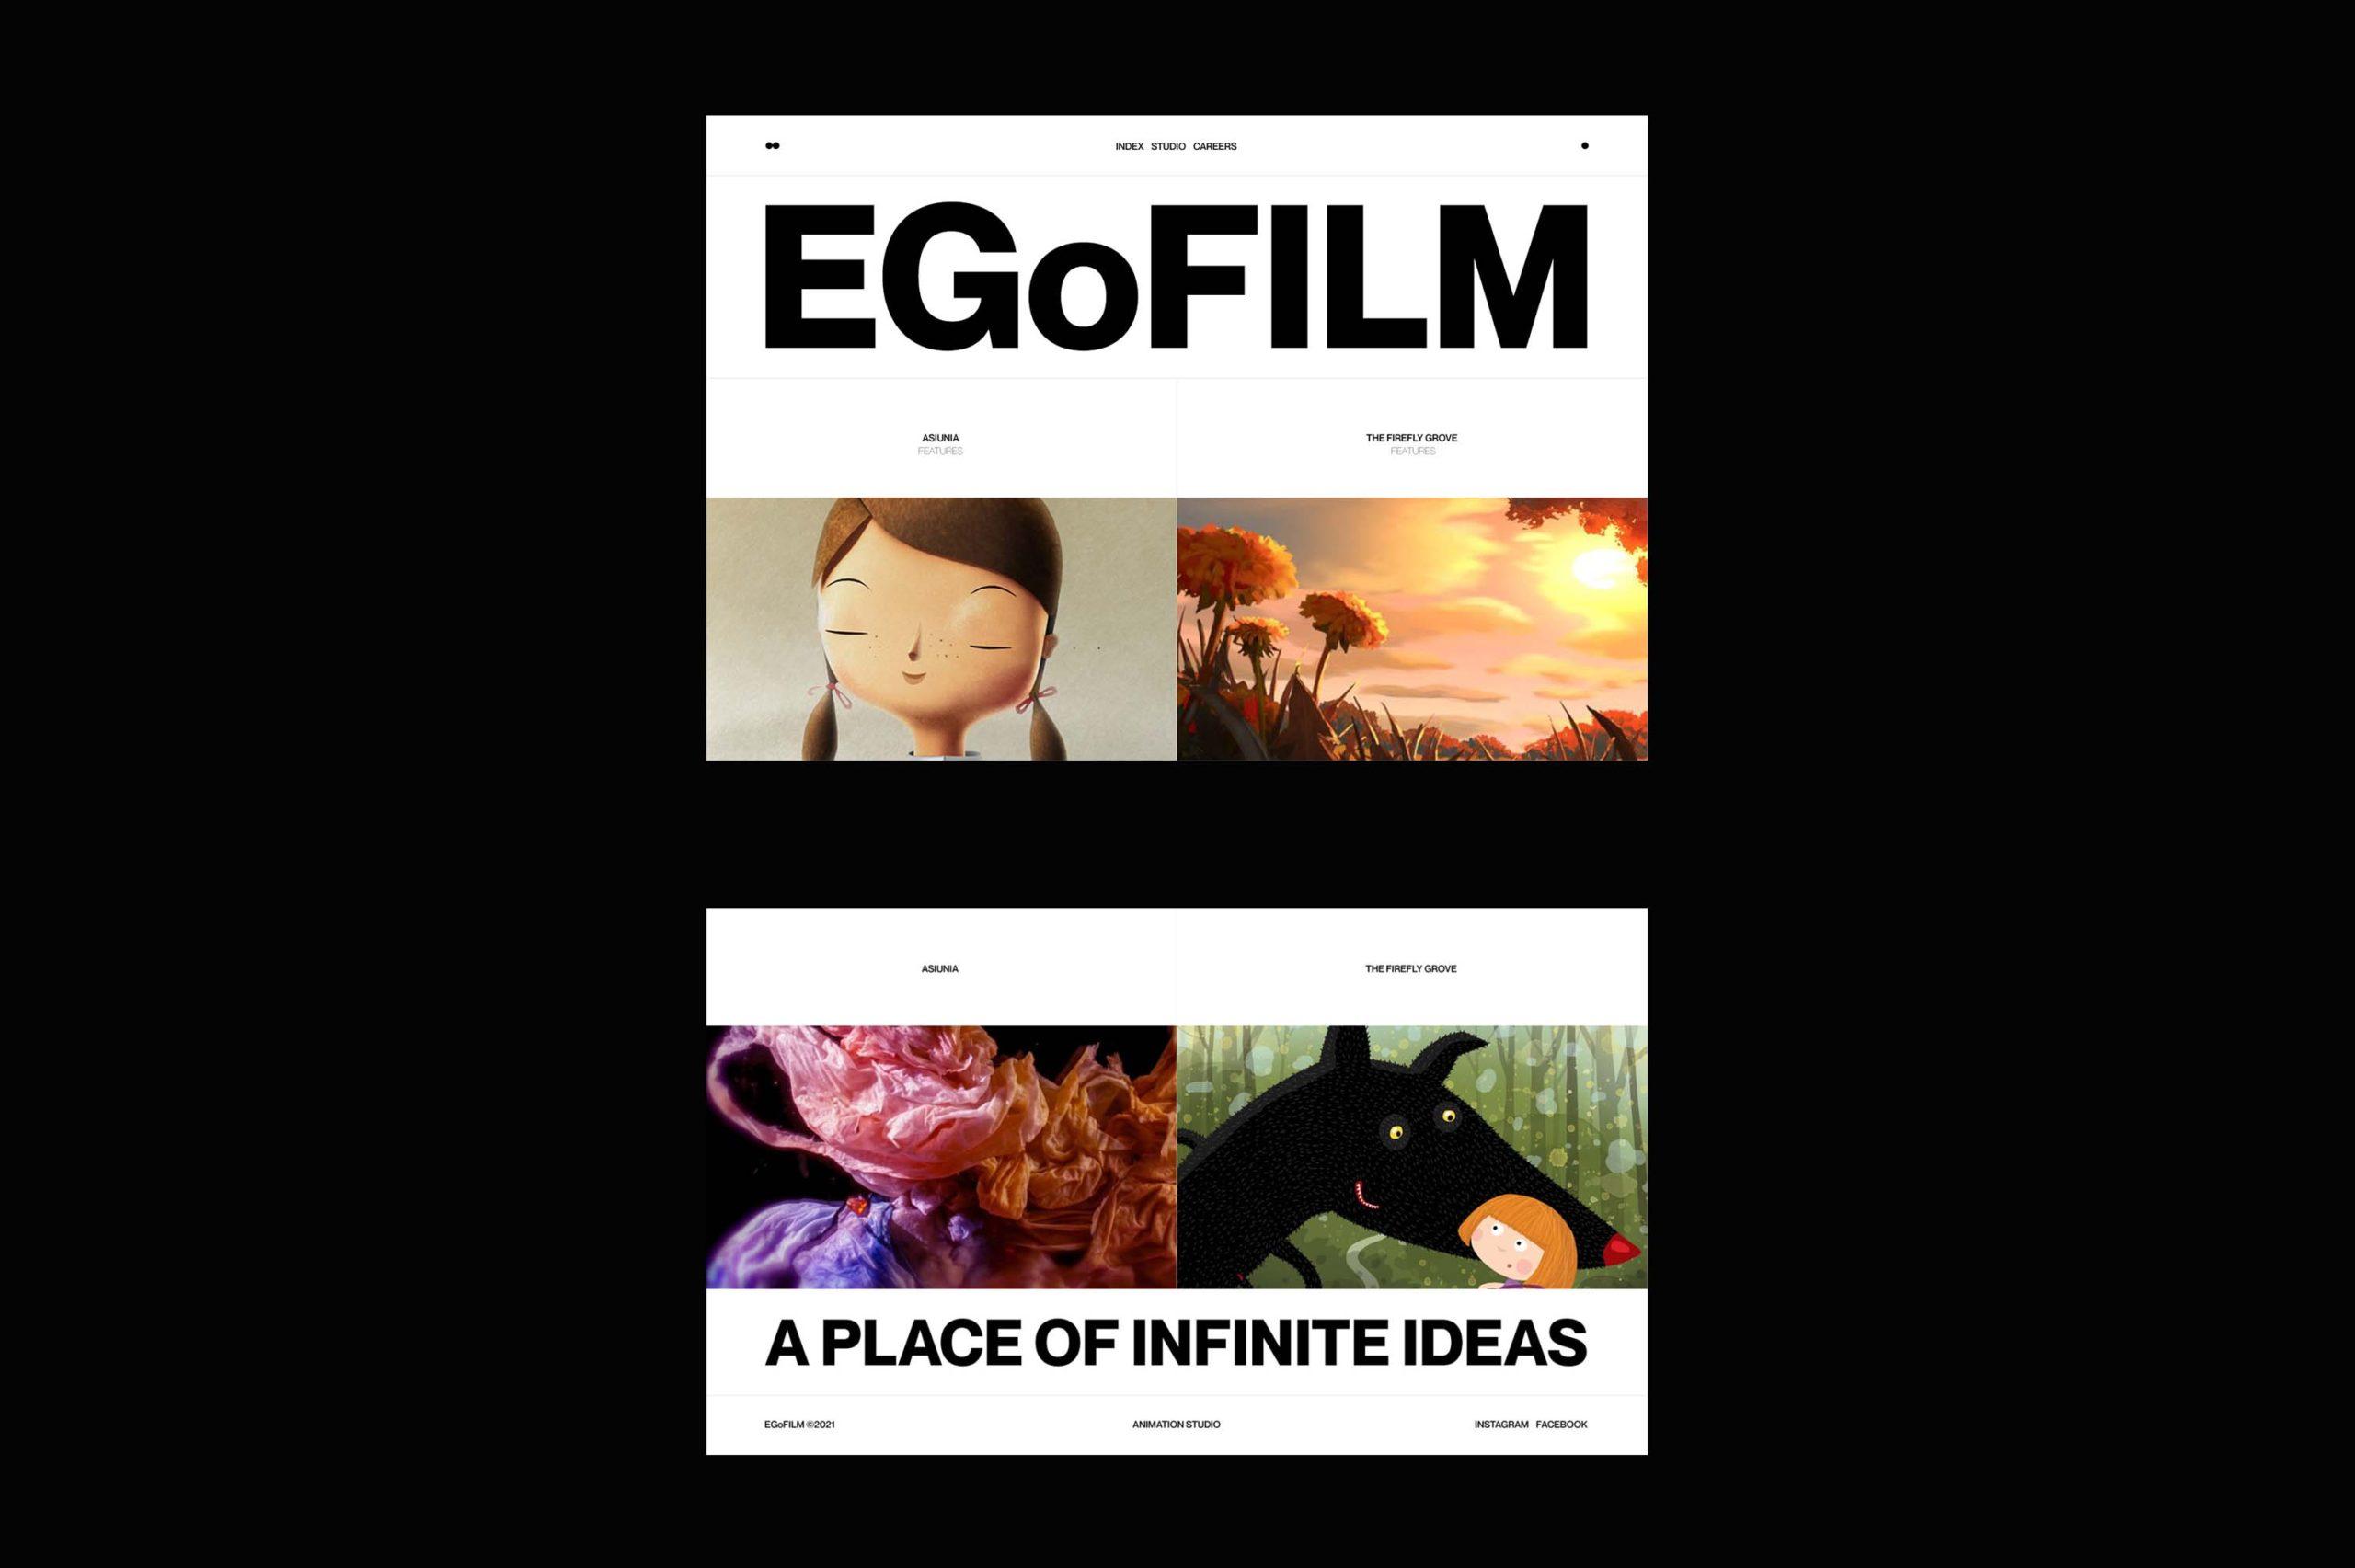 EGoFILM website